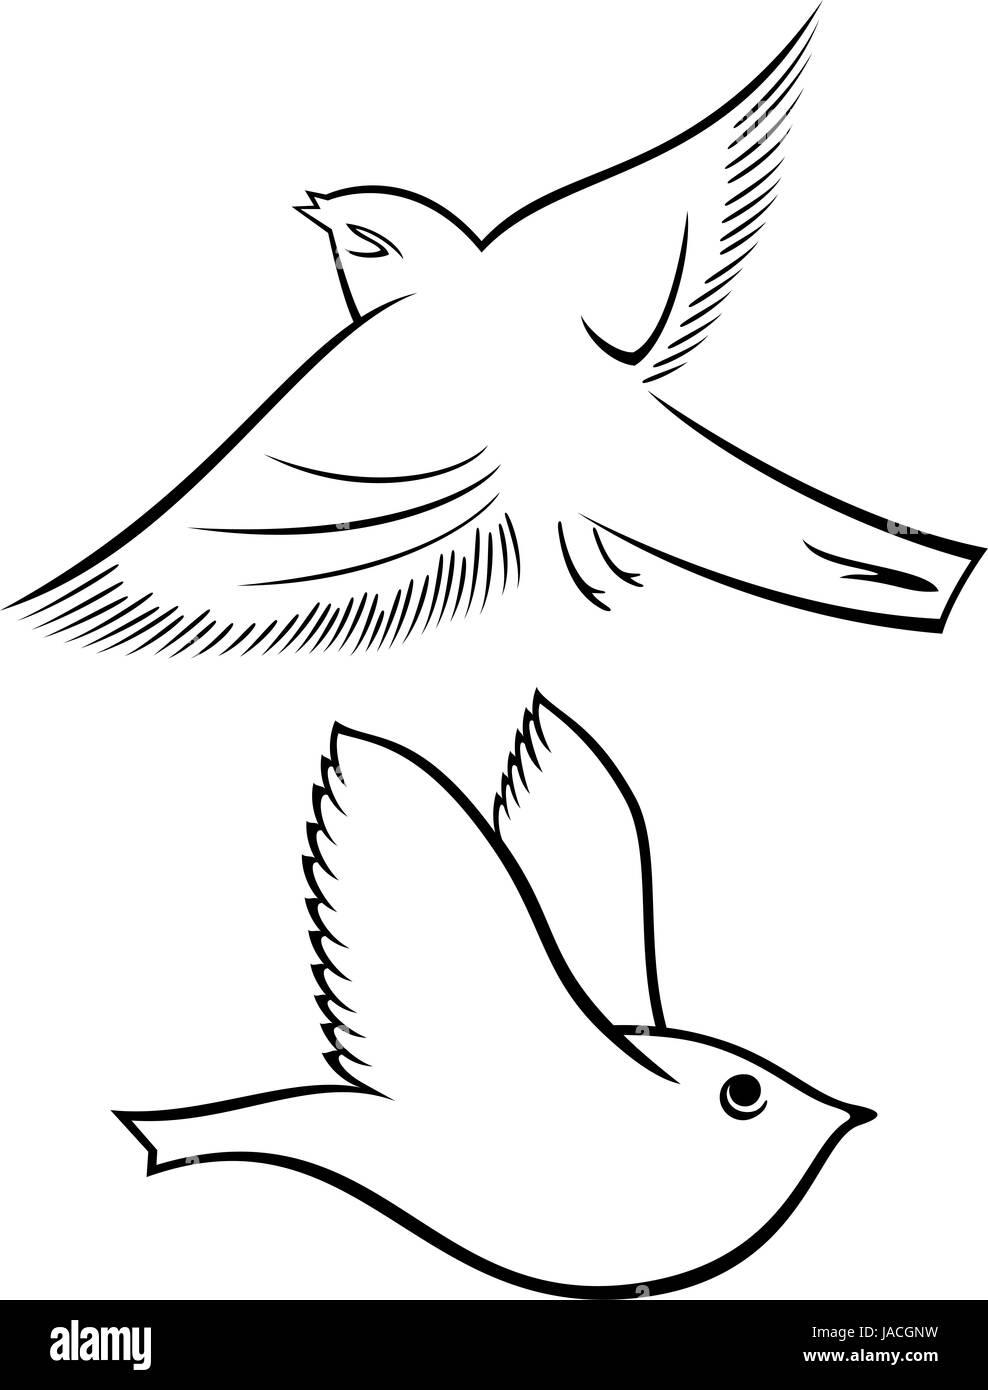 Black White Cartoon Illustration Birds Stockfotos & Black White ...